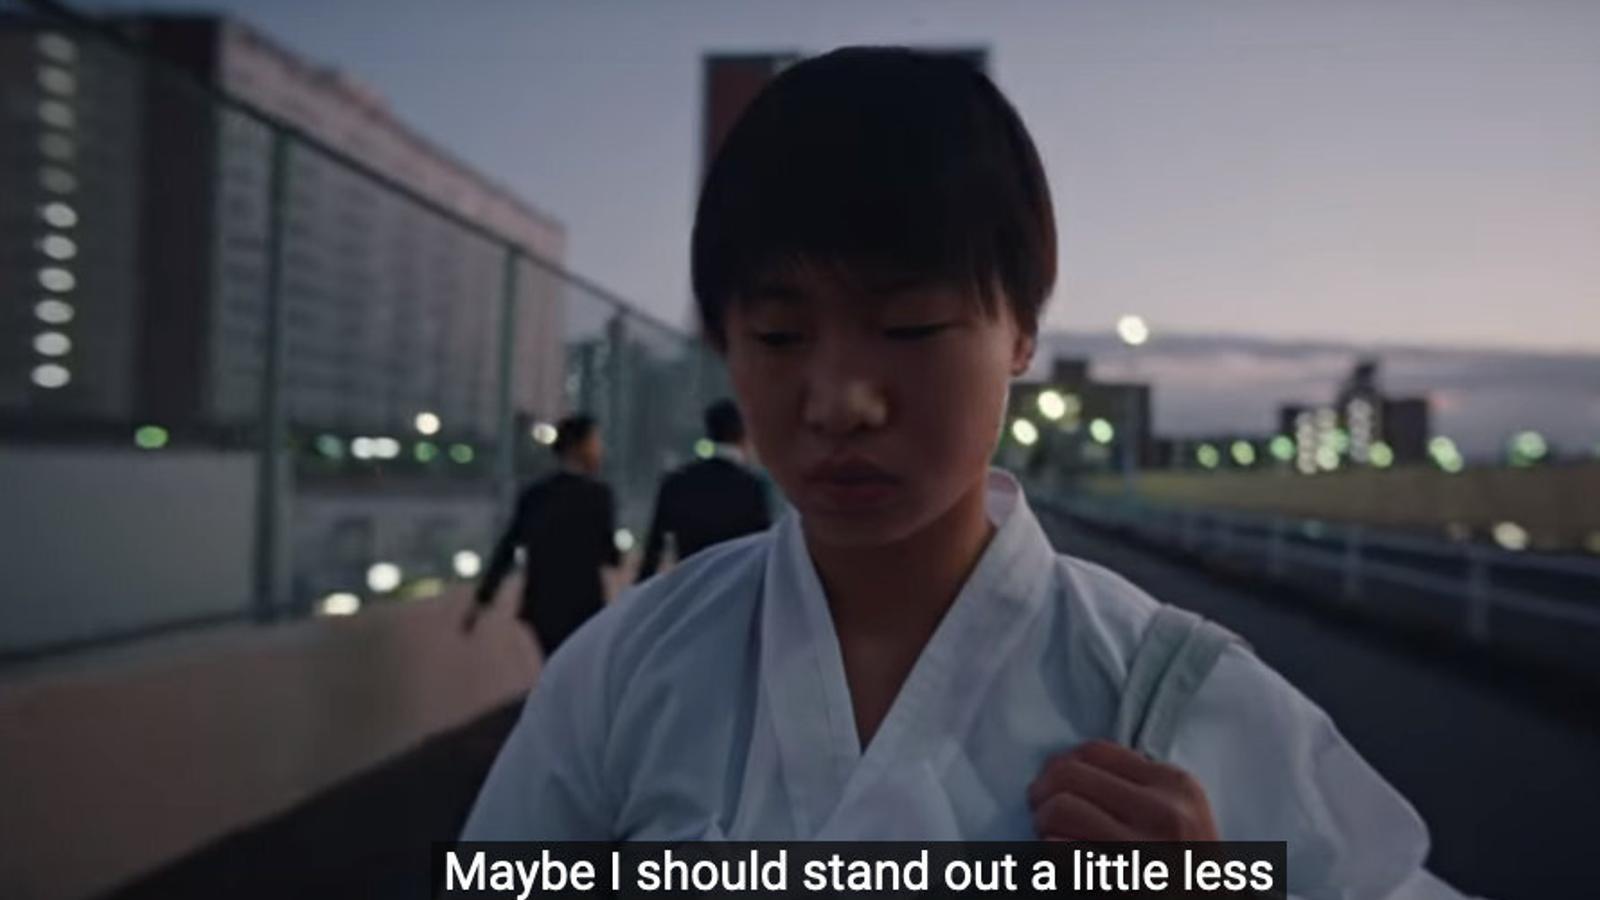 Nike ensopega amb el racisme al Japó